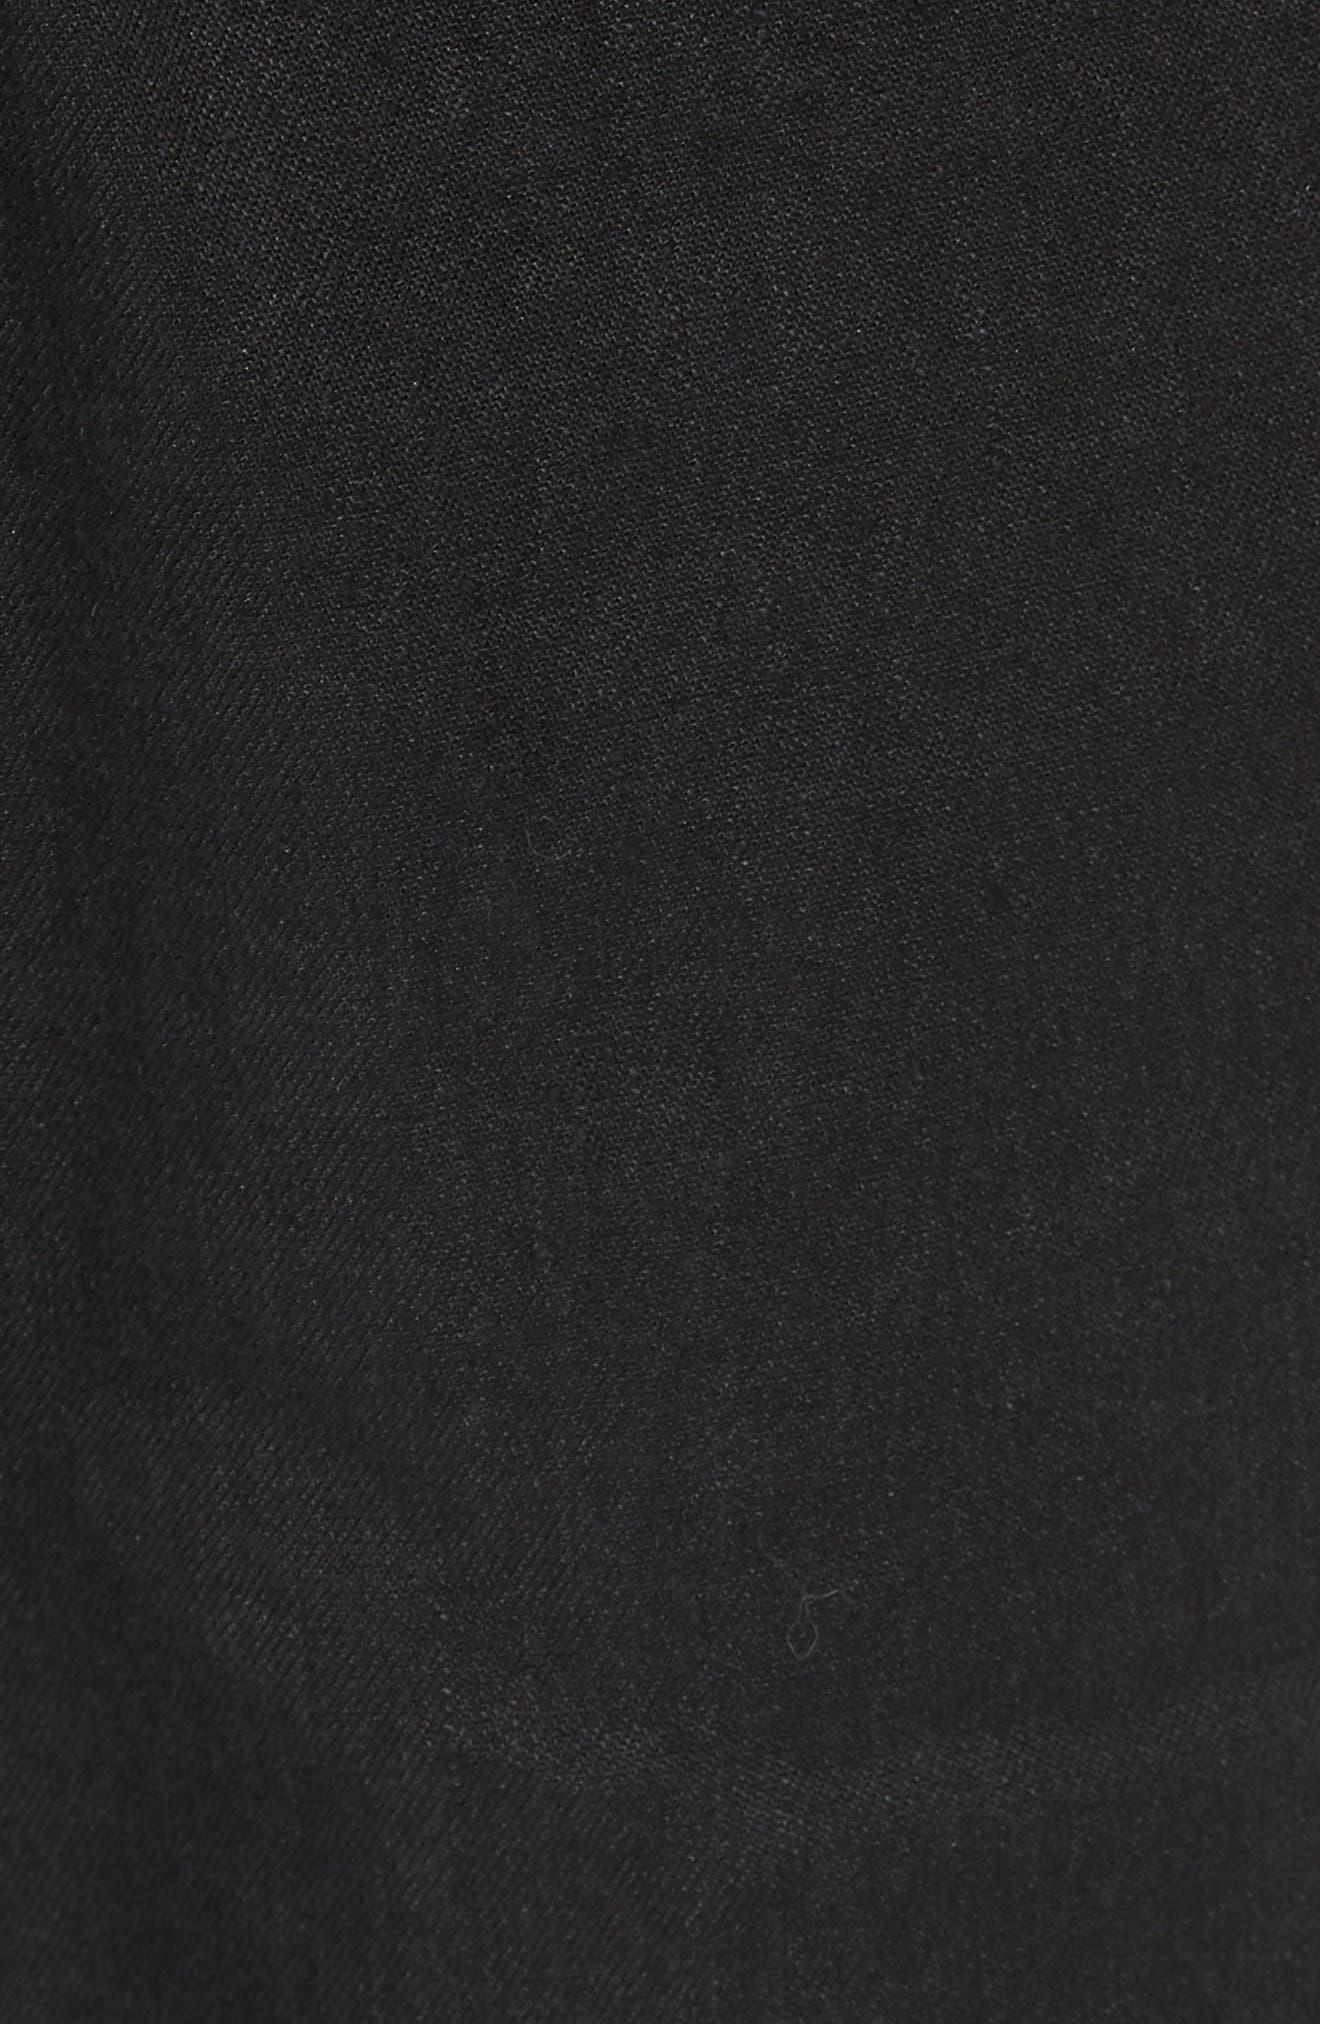 Stretch Linen & Cotton Cargo Pants,                             Alternate thumbnail 5, color,                             Black